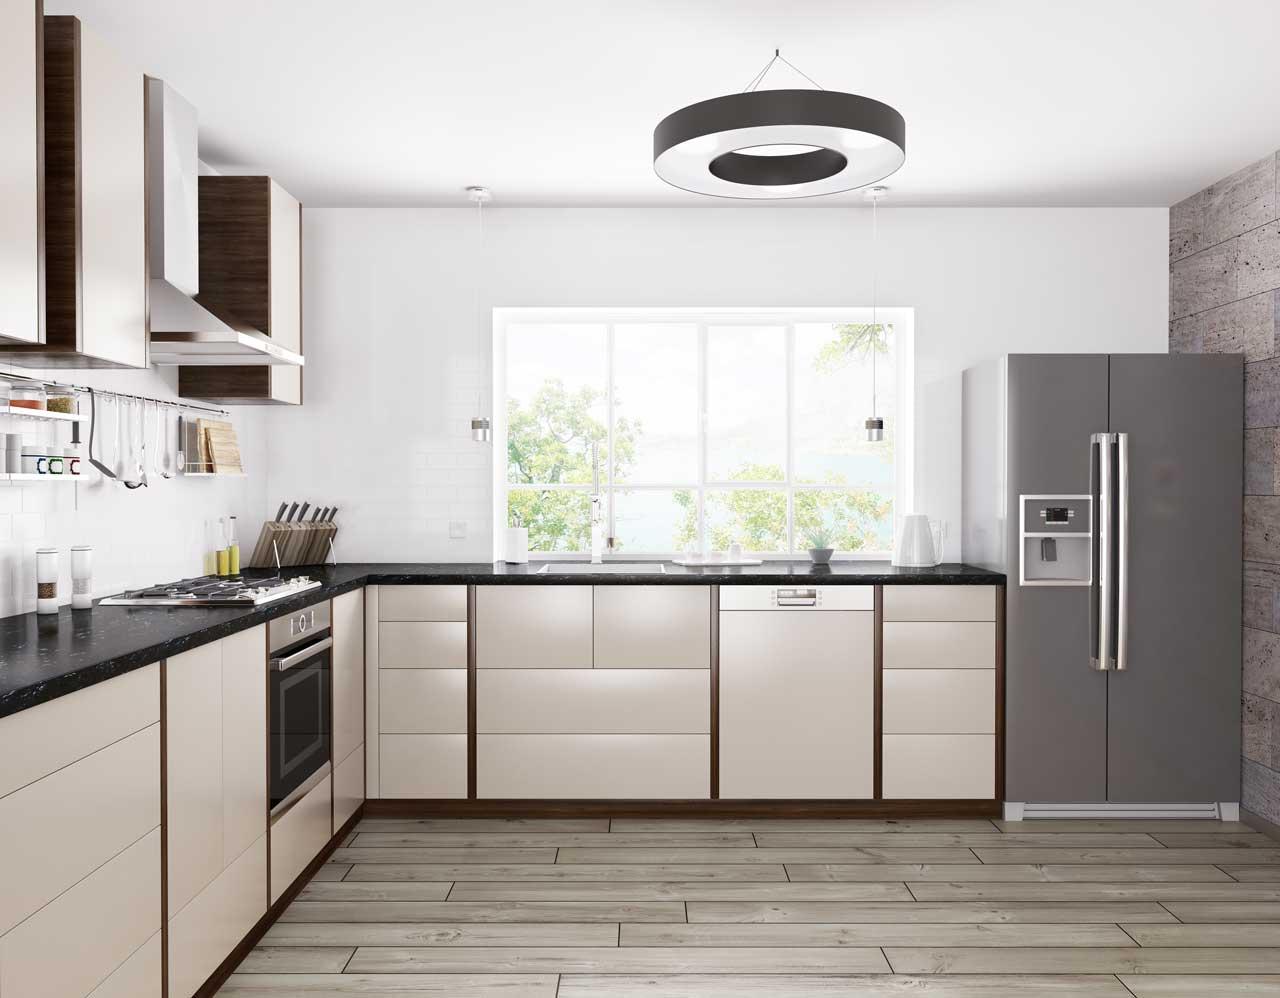 מטבחים מעץ חברות לעיצוב וייצור שיש למטבחים ממש מקצועיים עם הנכונות לעזור שיודעים לספק פתרונות להתאמת תנורים גדולים לכל מטבח תוך כדי חיבור הכיריים החשמליים ובדיקת תקינותם